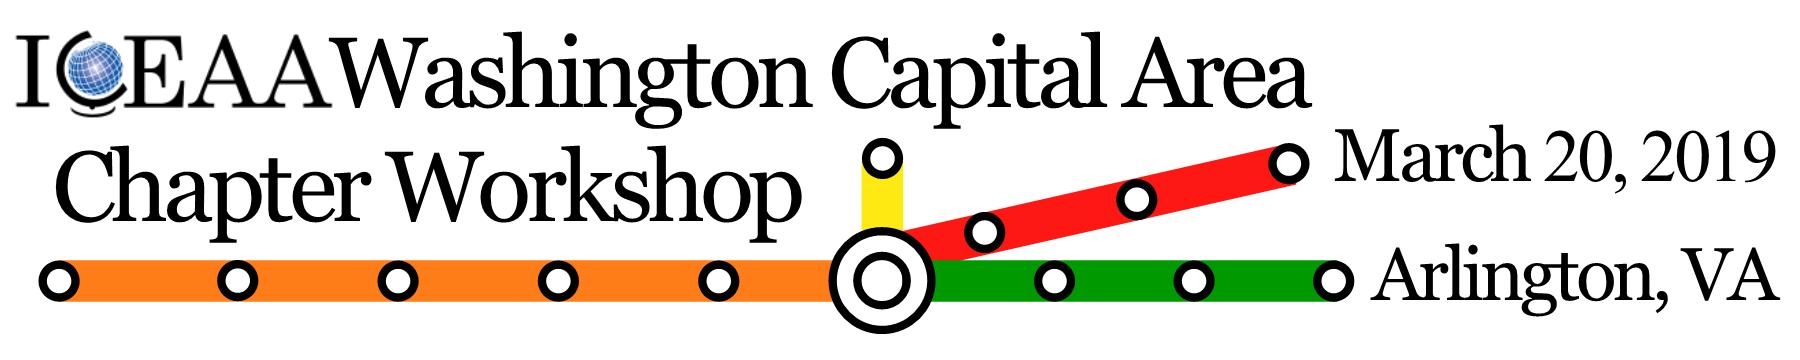 Washington Capital Area Chapter Workshop – Washington ICEAA